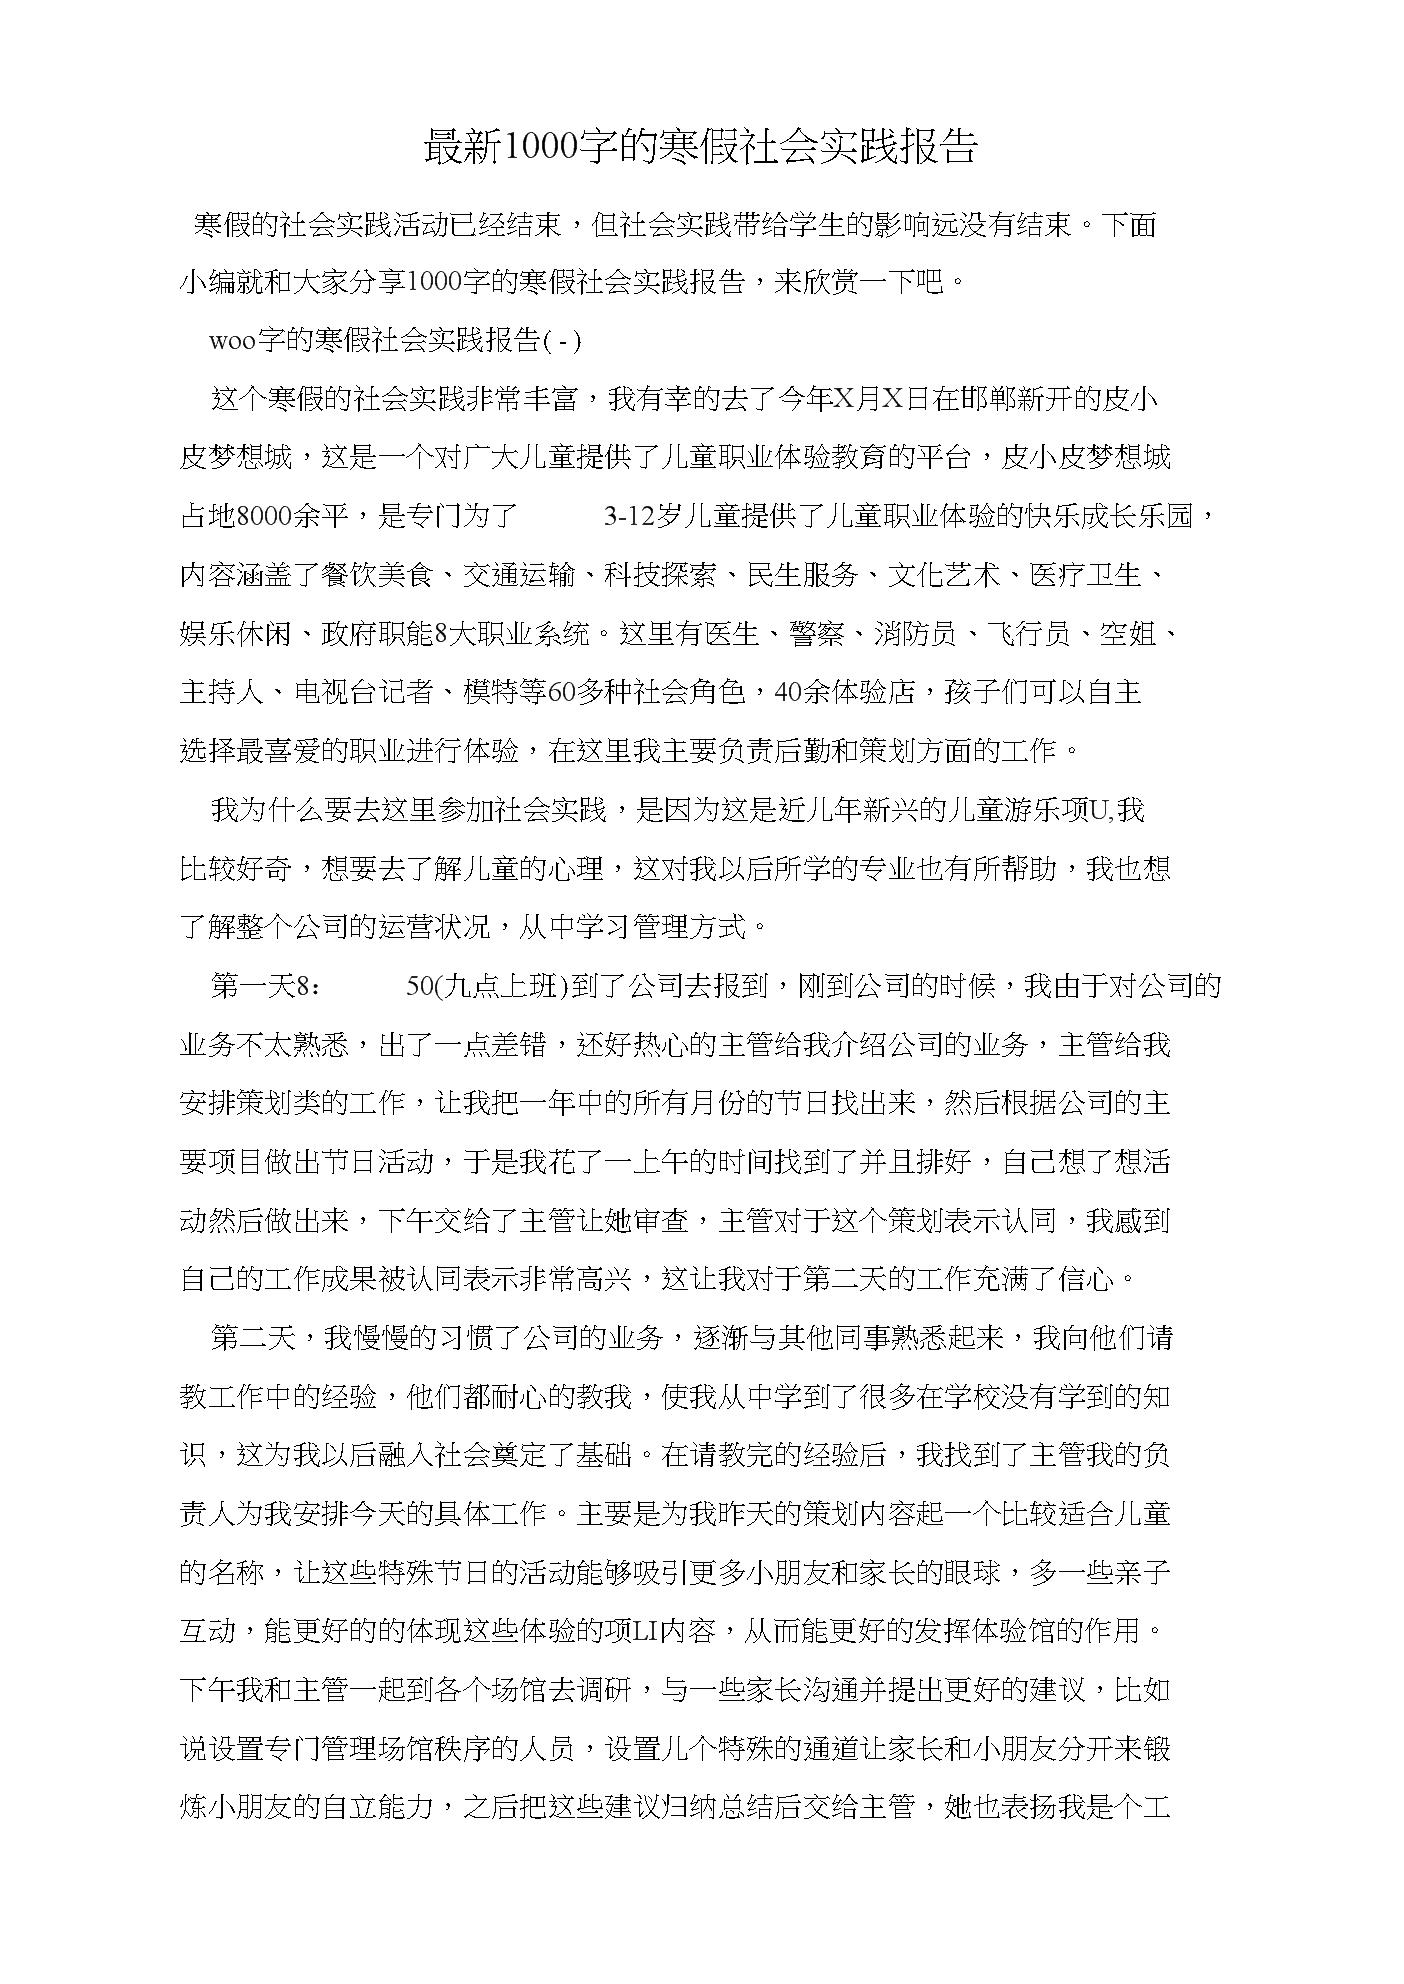 最新1000字的寒假社会实践报告.docx